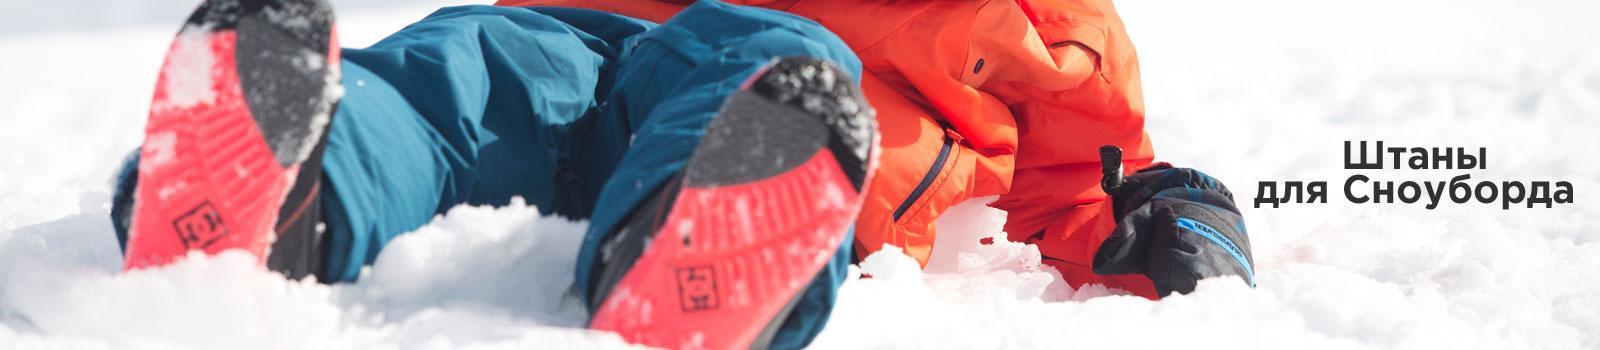 Купить Детские Ботинки для сноубординга